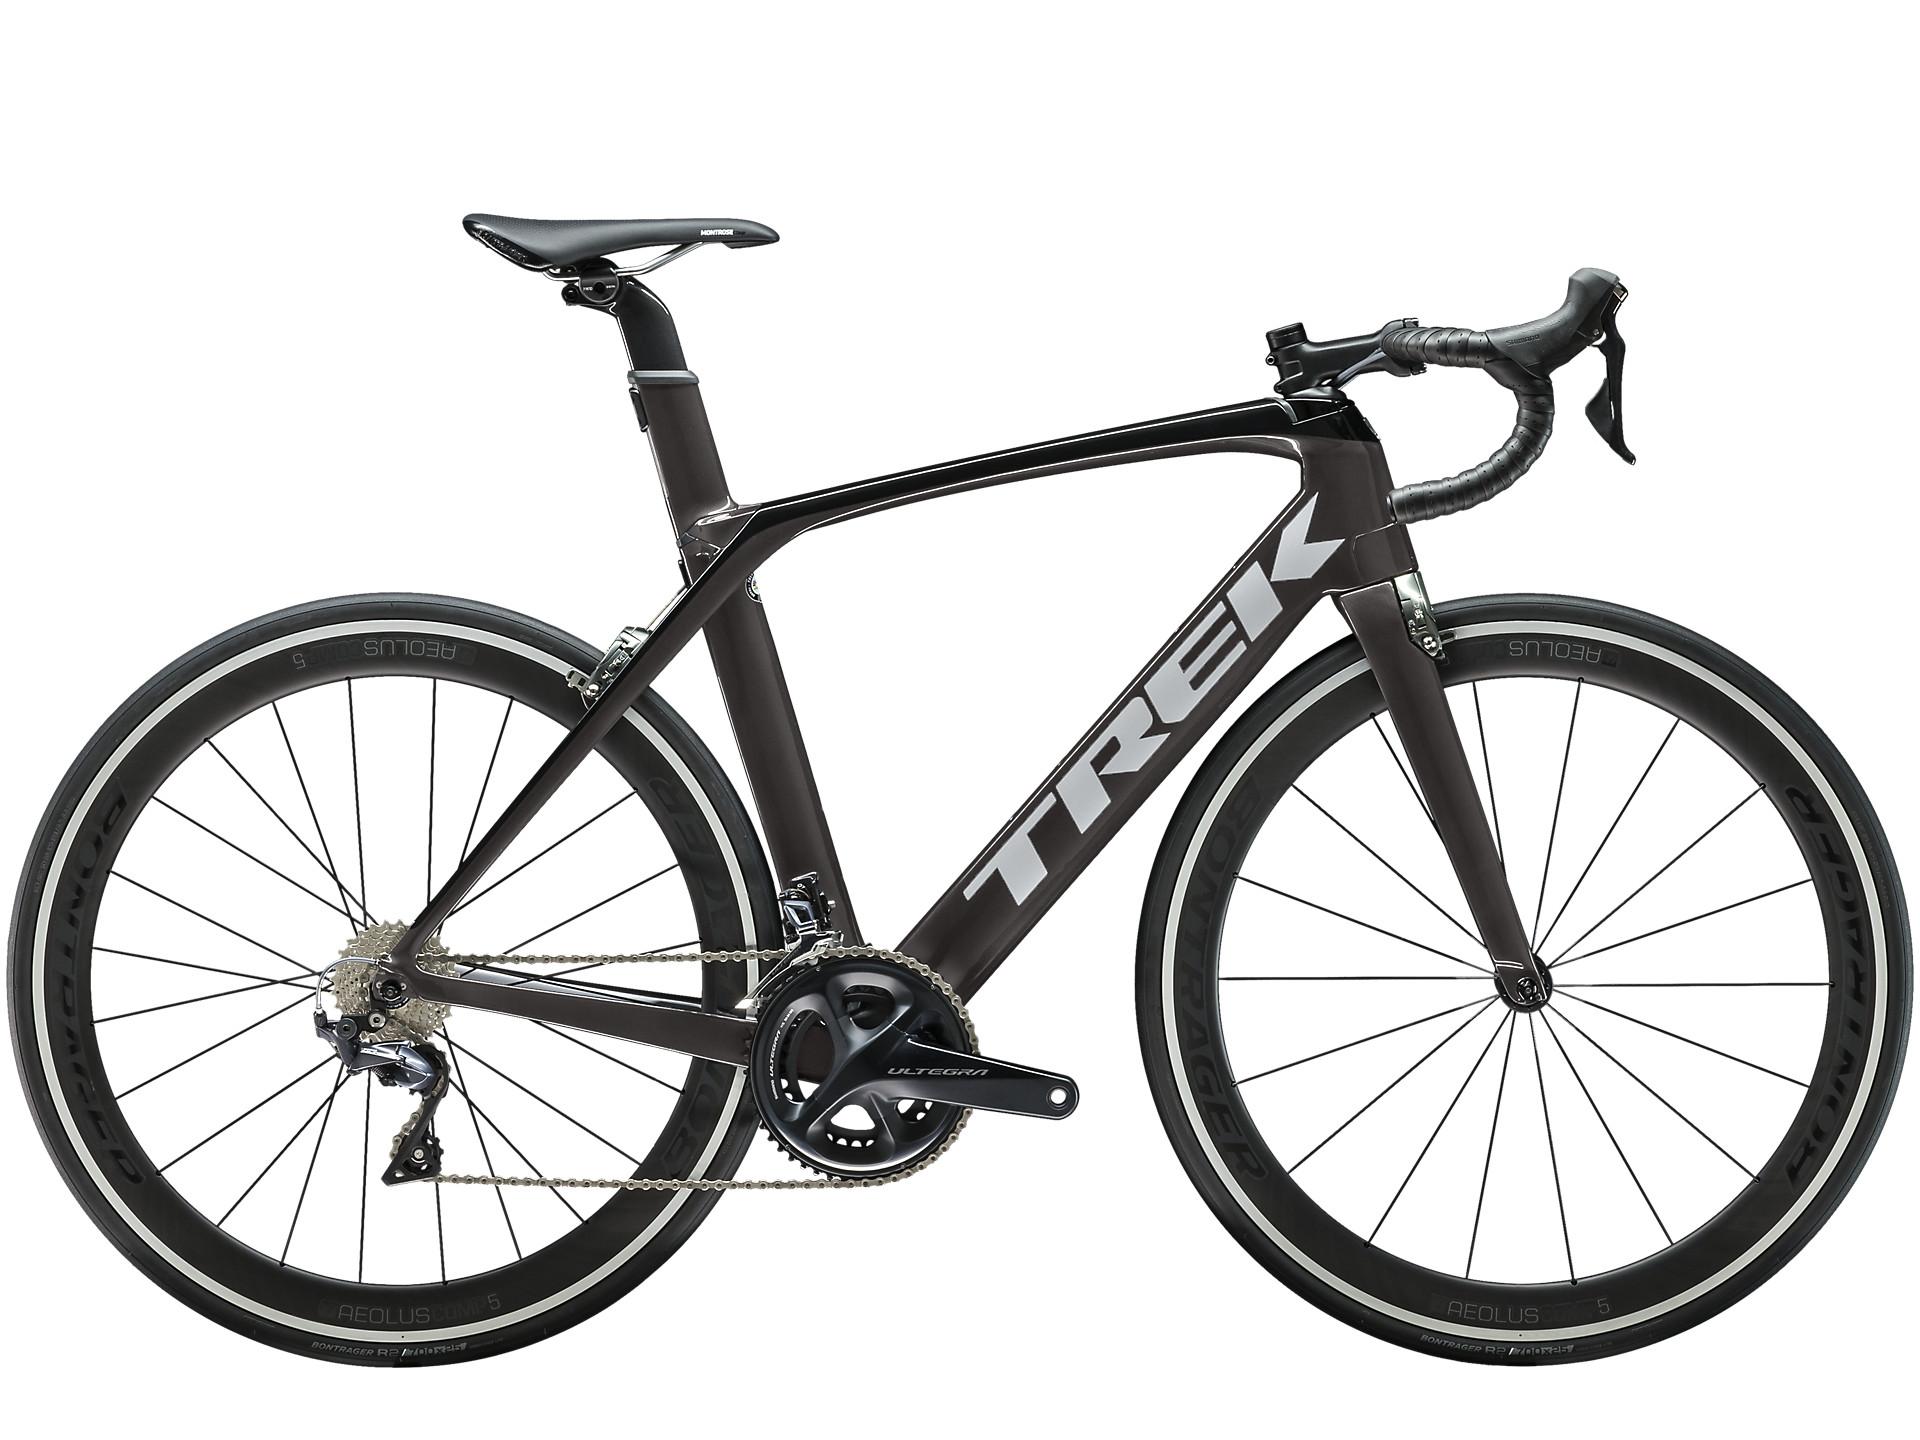 6694c590cd0 Road bikes